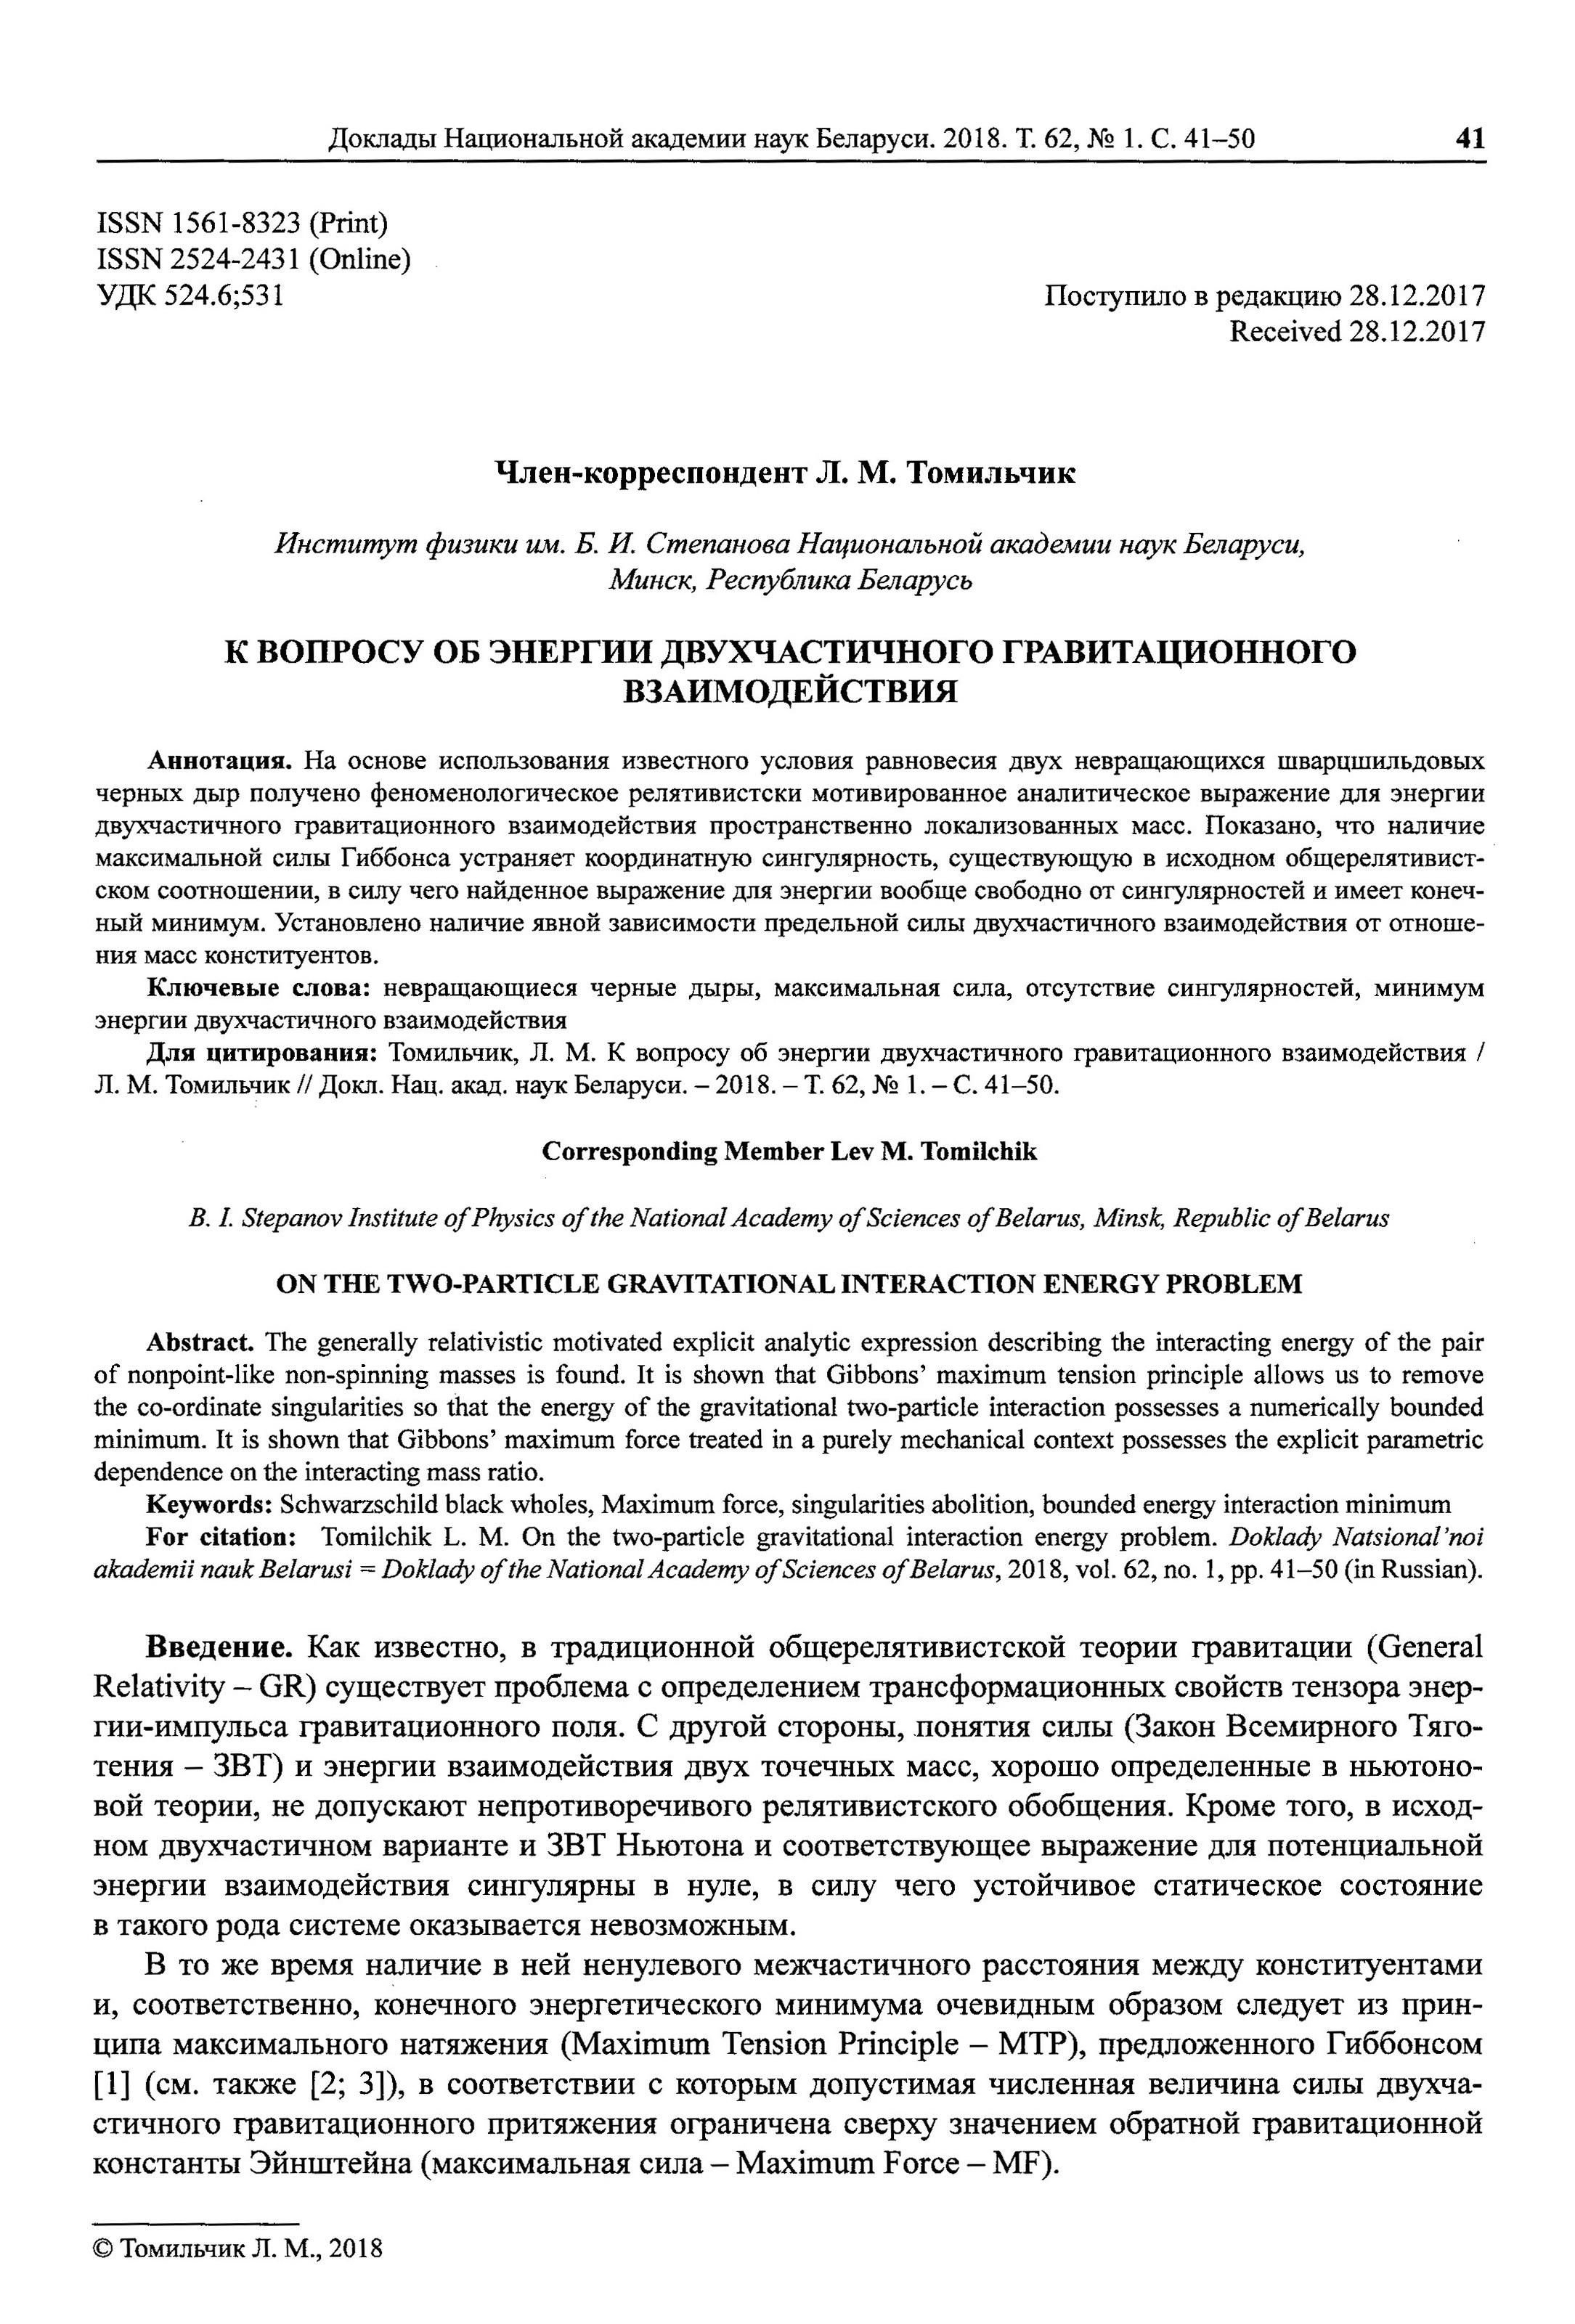 Имя в белорусской науке: Томильчик Лев Митрофанович